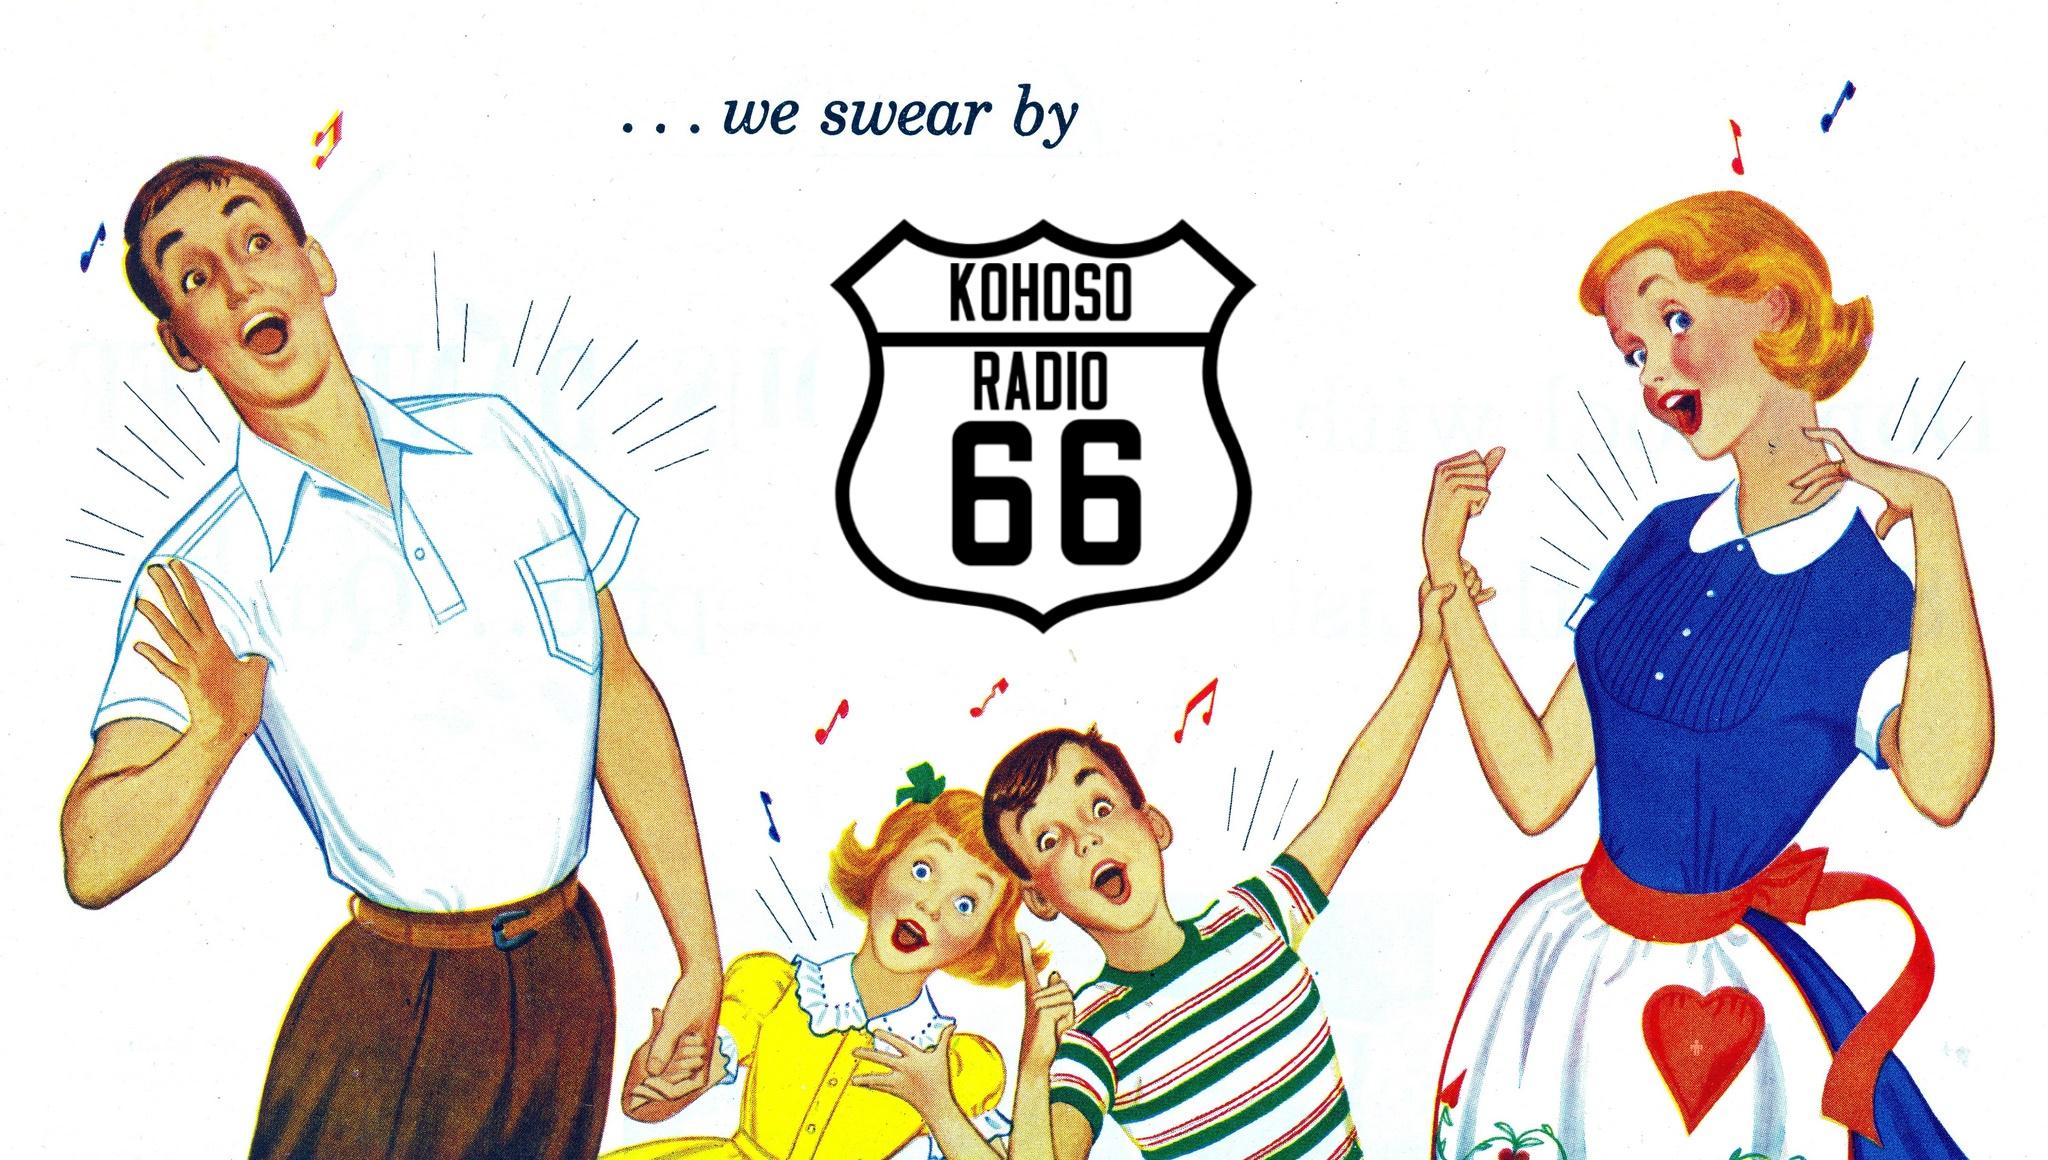 KoHoSo Radio 66 fan art - February 29, 2016